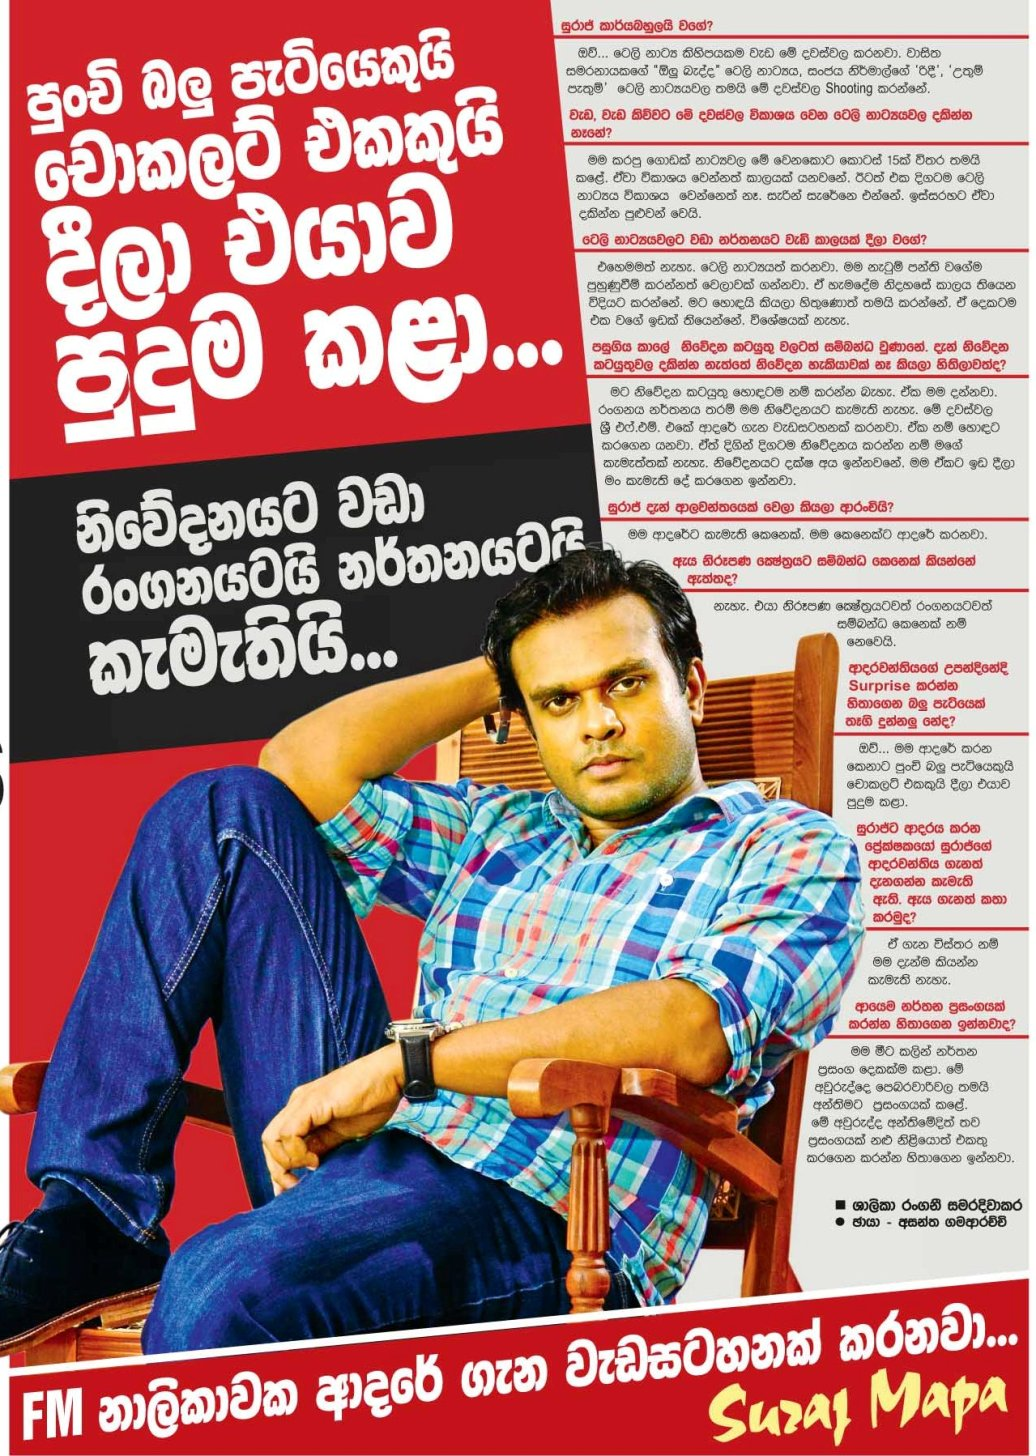 Suraj mapa's love : Gossip Lanka News